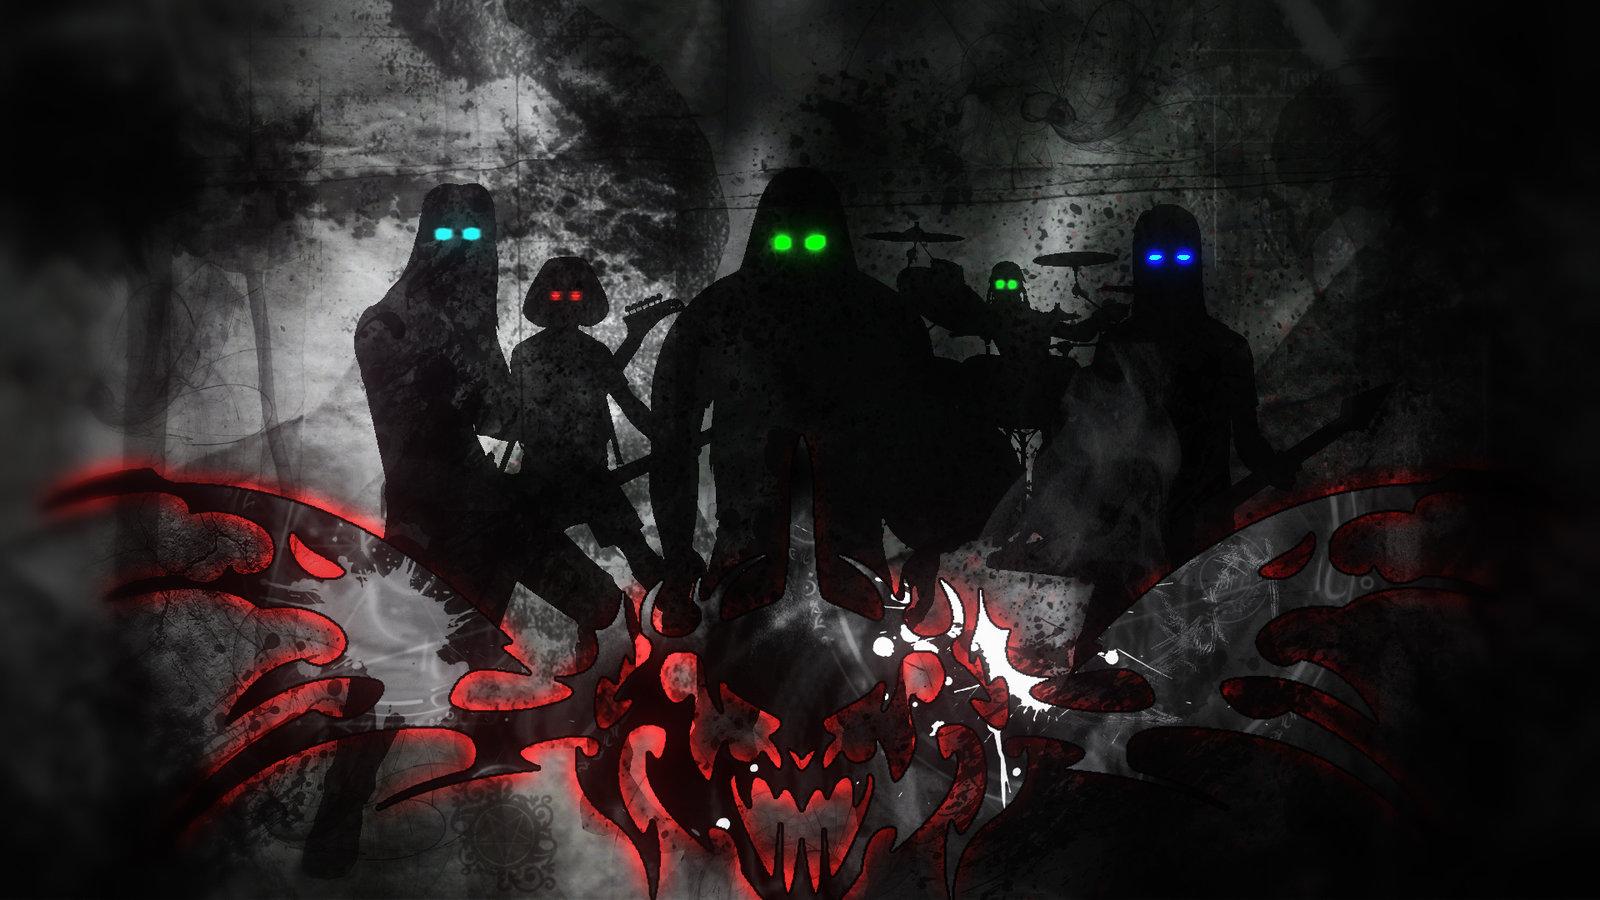 Dark Dethklok Wallpaper by nekusa 1600x900